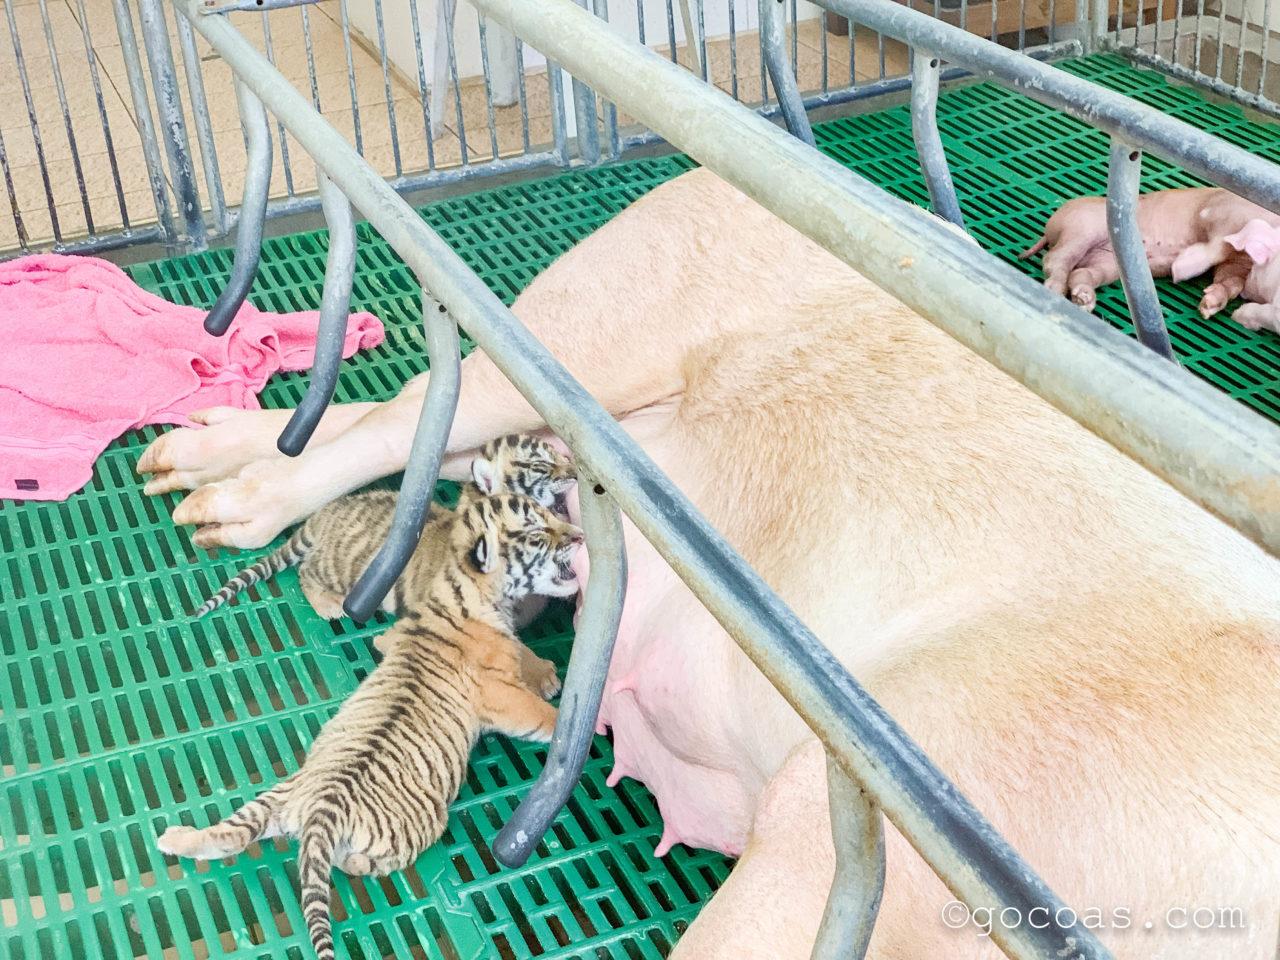 シラチャタイガーズーで豚のミルクを飲むトラの赤ちゃん